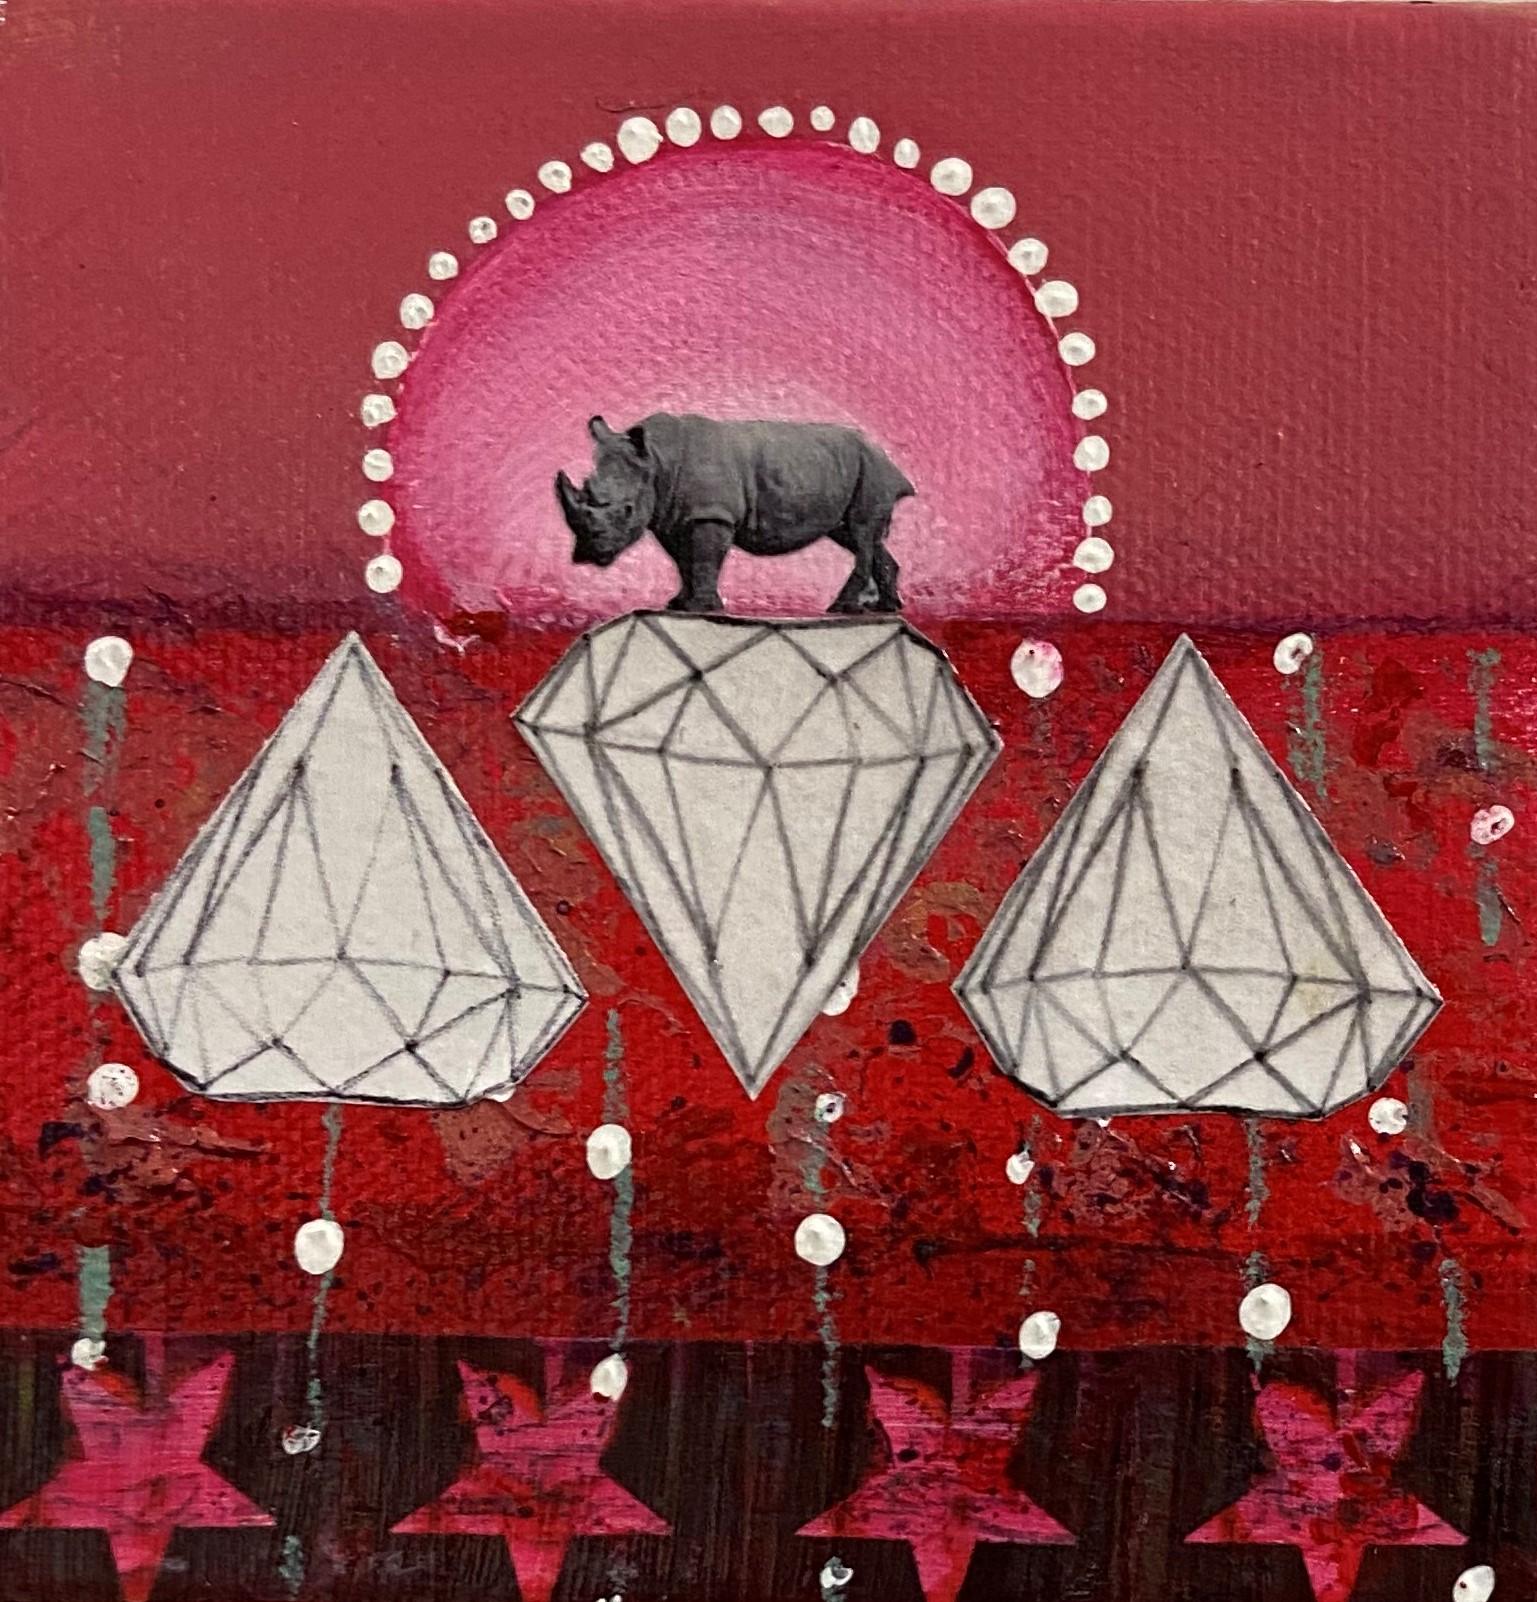 Rhino Might! - $55 - mixed media